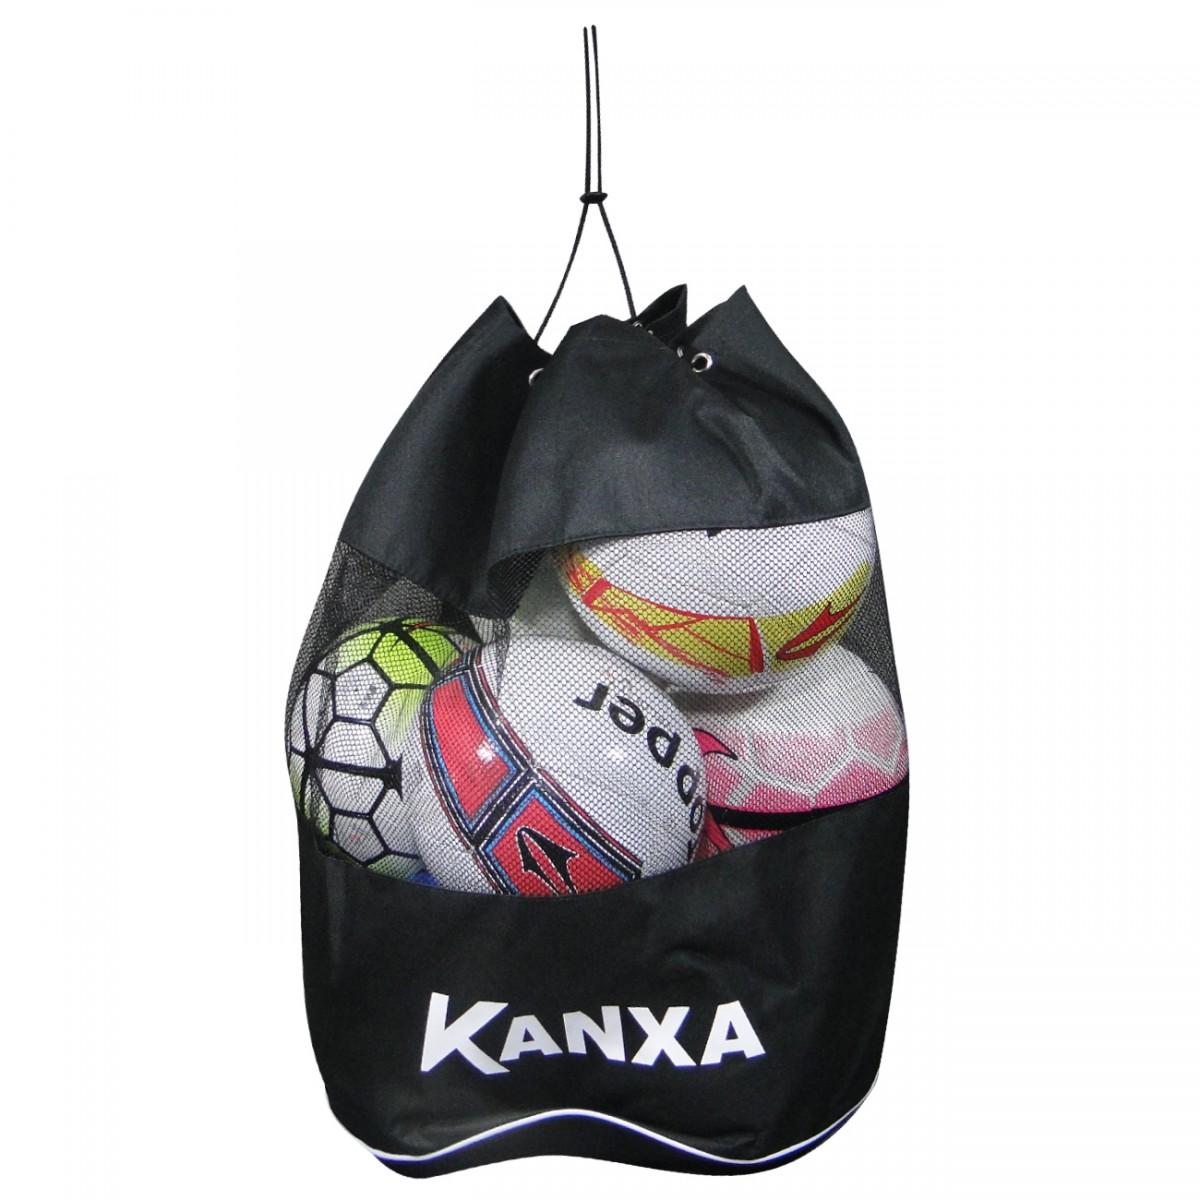 139020c76a918 Bolsa de bola Kanxa 11 8149 - Preto/Branco - Chuteira Nike, Adidas.  Sandalias Femininas. Sandy Calçados